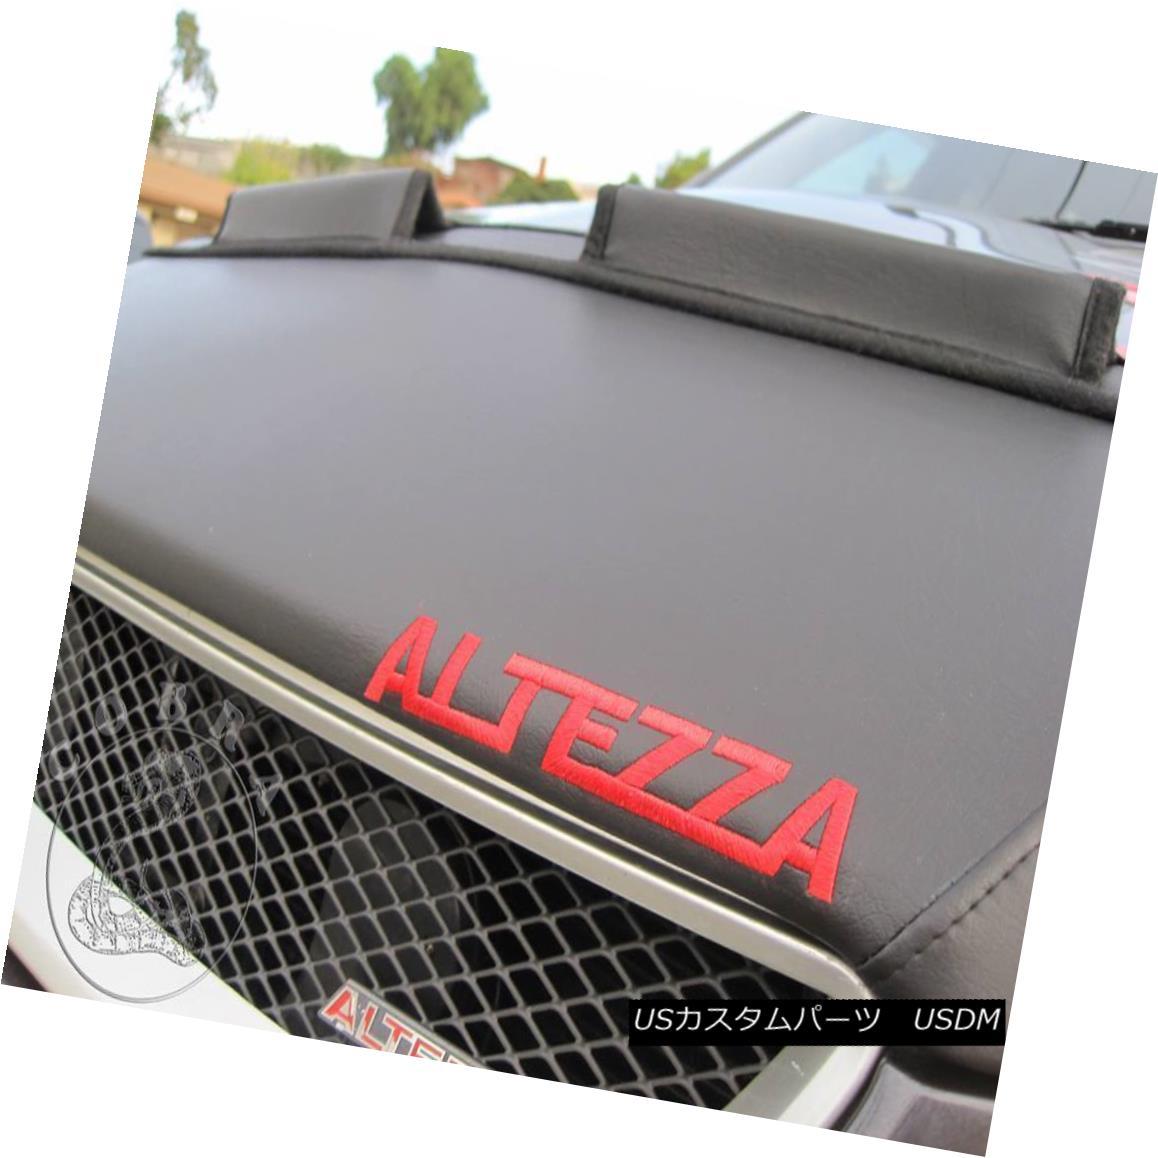 フルブラ ノーズブラ Car Hood Bra + LOGO Fits LEXUS IS300 IS200 IS Altezza 99 2000 01 02 03 04 05 Car Hood Bra +ロゴフィットLEXUS IS300 IS200 IS Altezza 99 2000 01 02 03 04 05